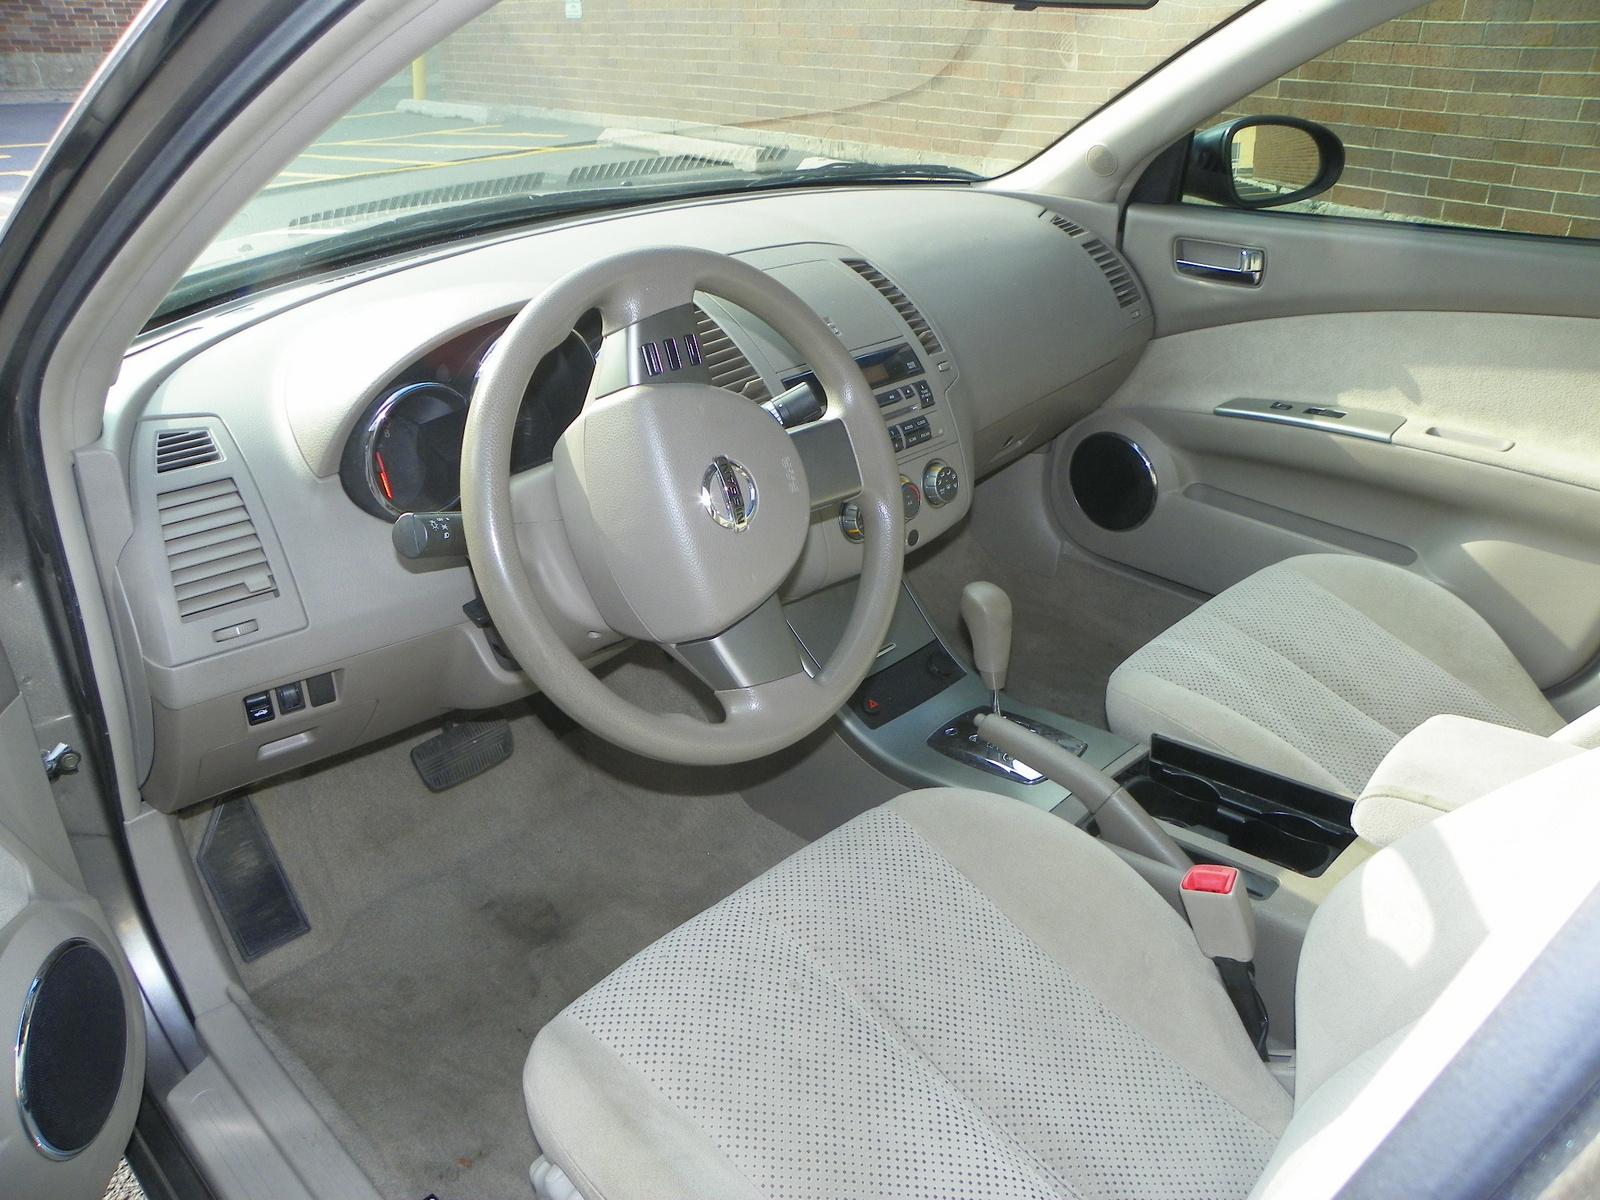 2006 Nissan Altima - Interior Pictures